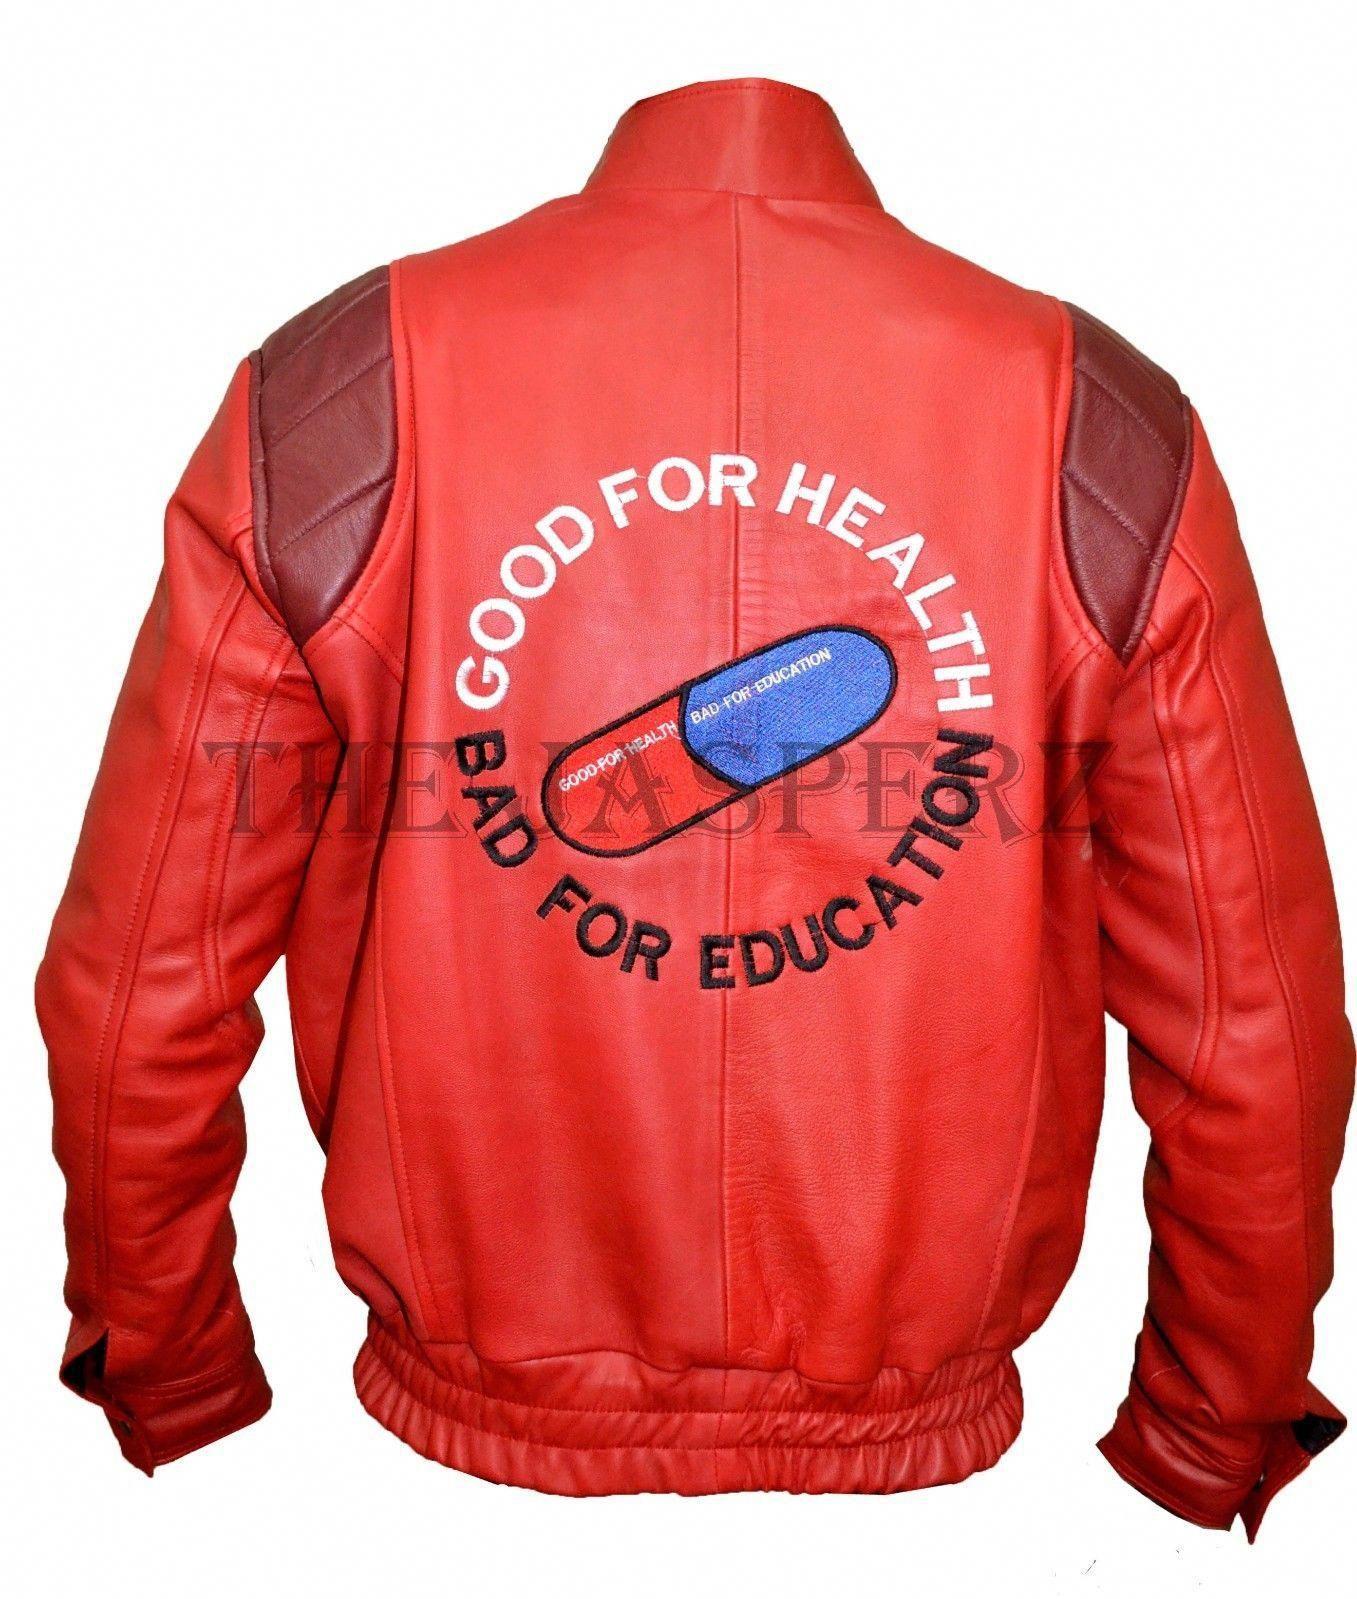 Akira Kaneda Red Leather Jacket Capsule And Text Mangakatsuhiro Otomo Costume Akira Leather Jacket Leather Jacket Men Long Sleeve Tshirt Men Leather Jacket [ 1599 x 1357 Pixel ]